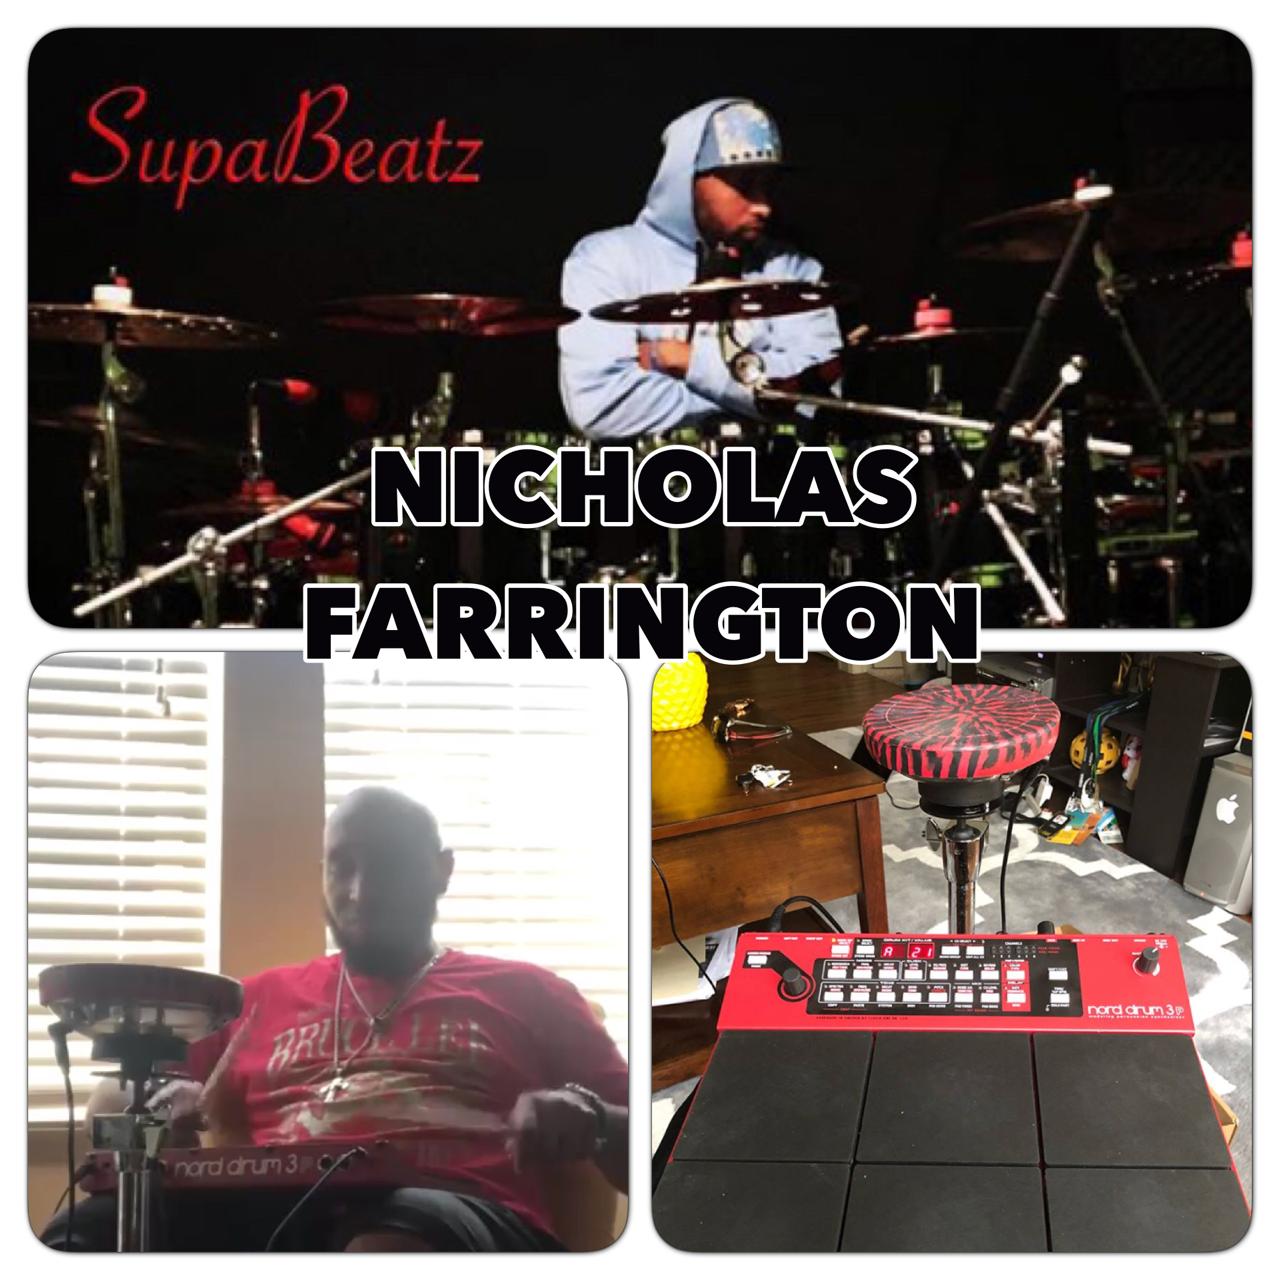 NICHOLAS FARRINGTON